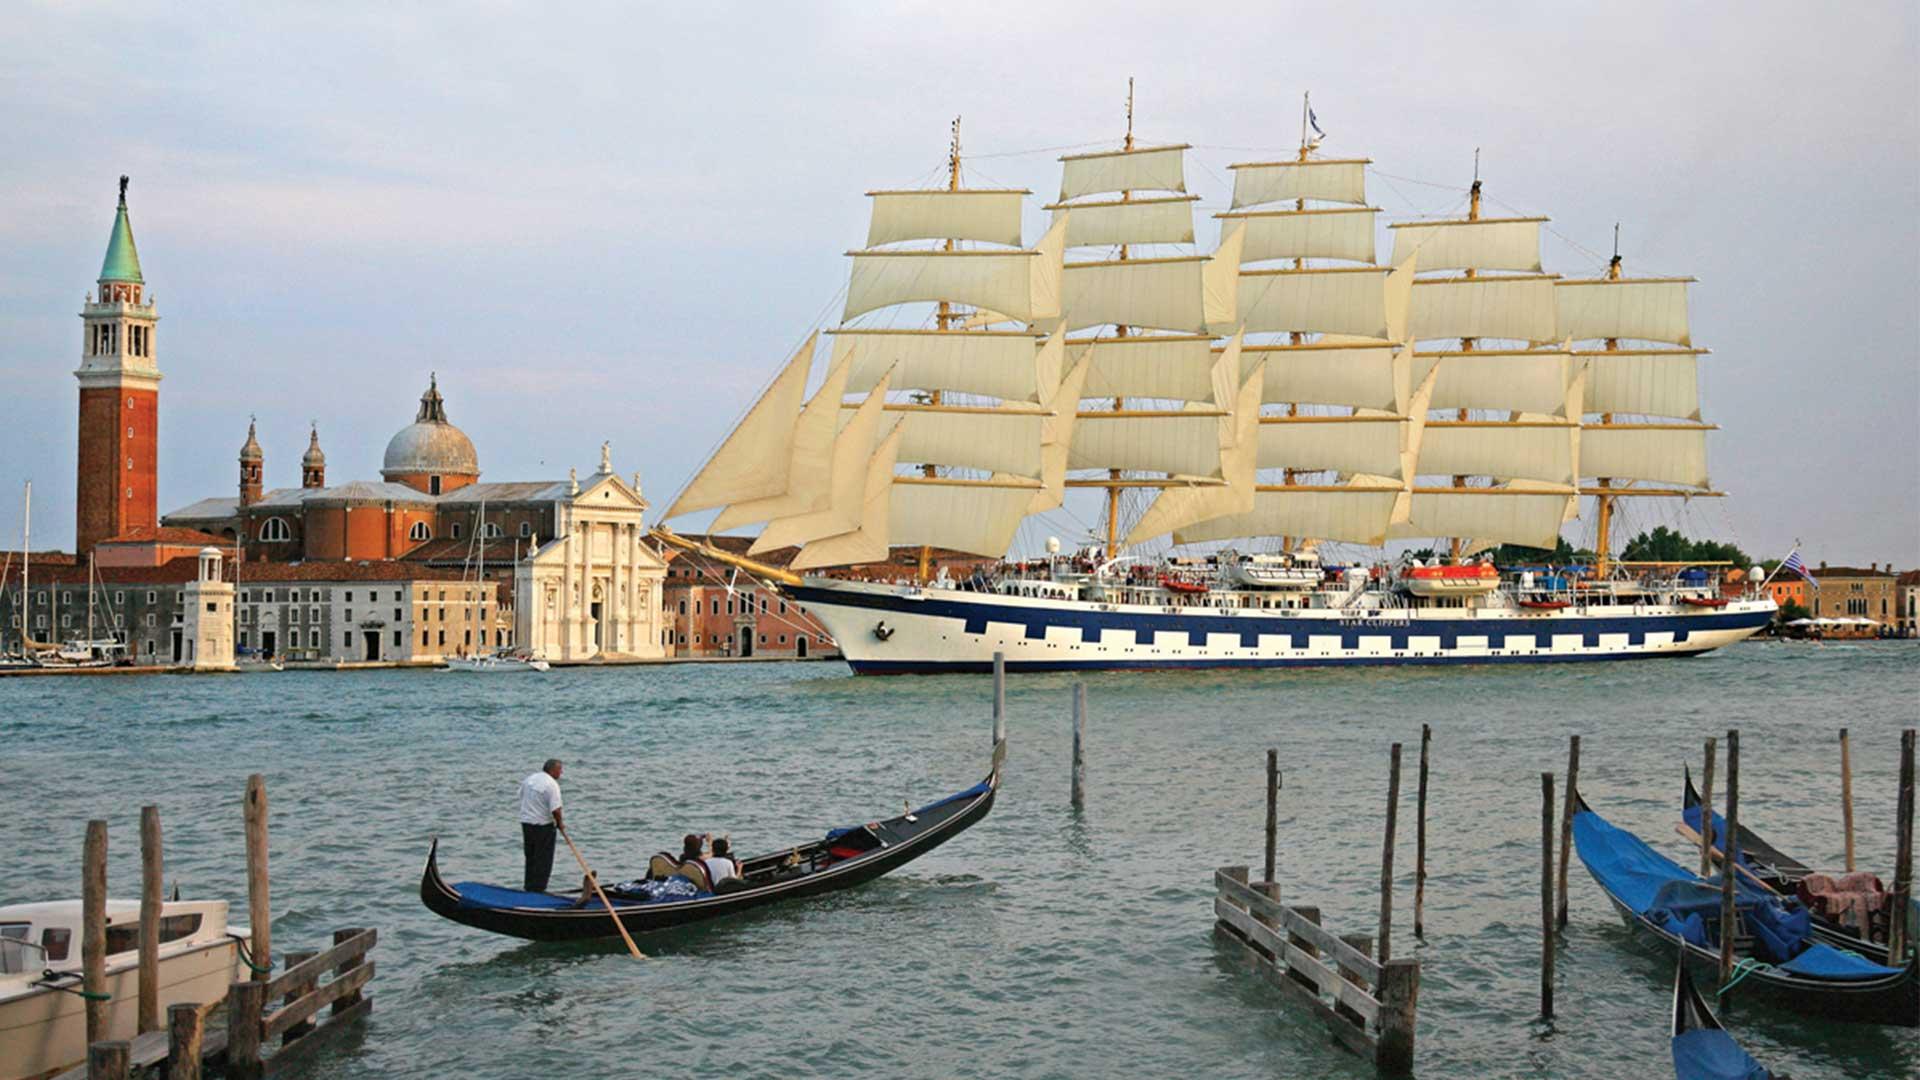 Die Royal Clipper, das derzeit größte Segelschiff der Welt. © Star Clippers